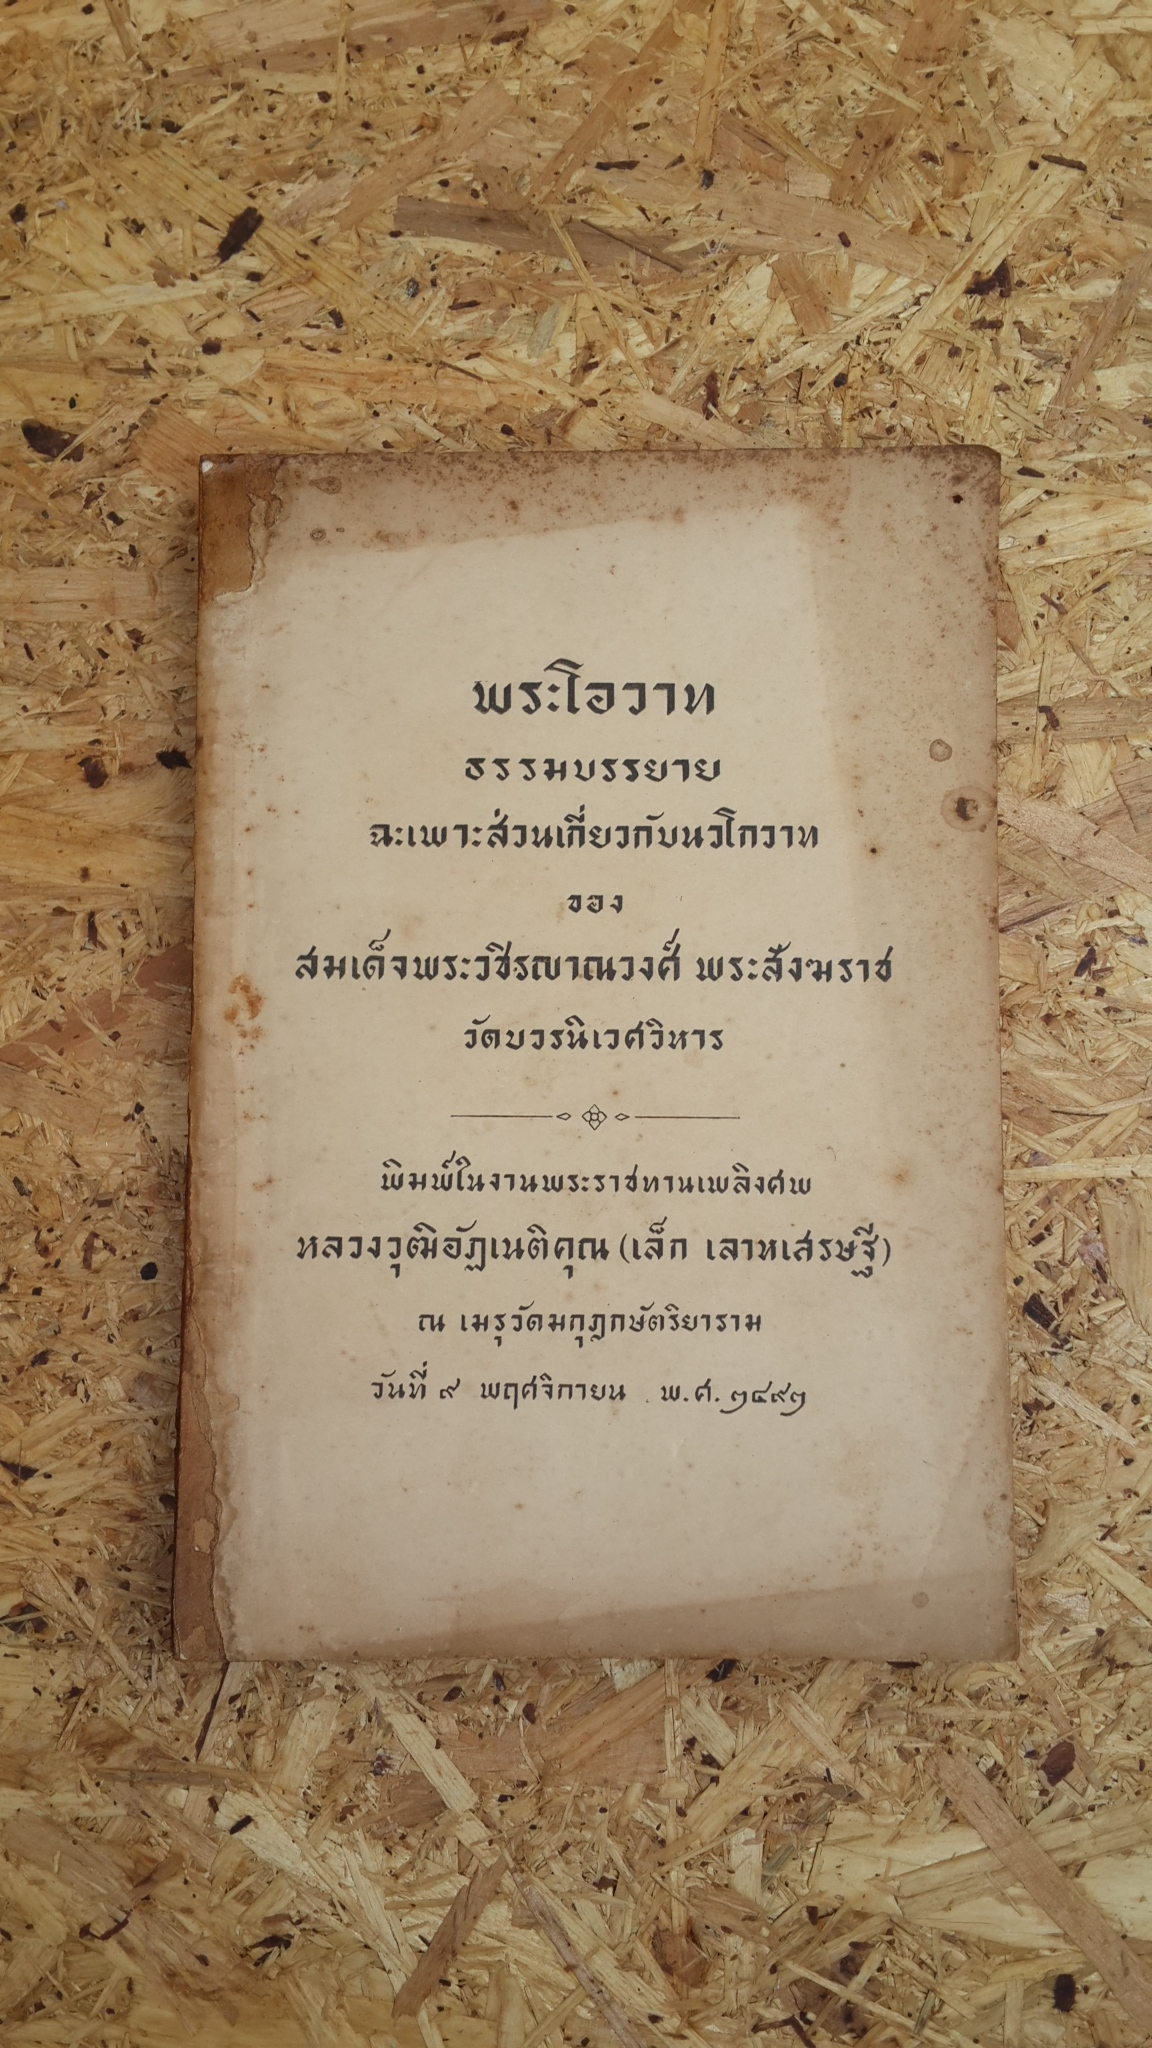 พระโอวาท ธรรมบรรยาย ของสมเด็จพระวชิรญาณวงศ์ พระสังฆราช : อนุสรณ์ในงานพระราชทานเพลิงศพ หลวงวุฒิอัฏเนติคุณ (เล็ก เลาหเสรษฐี)